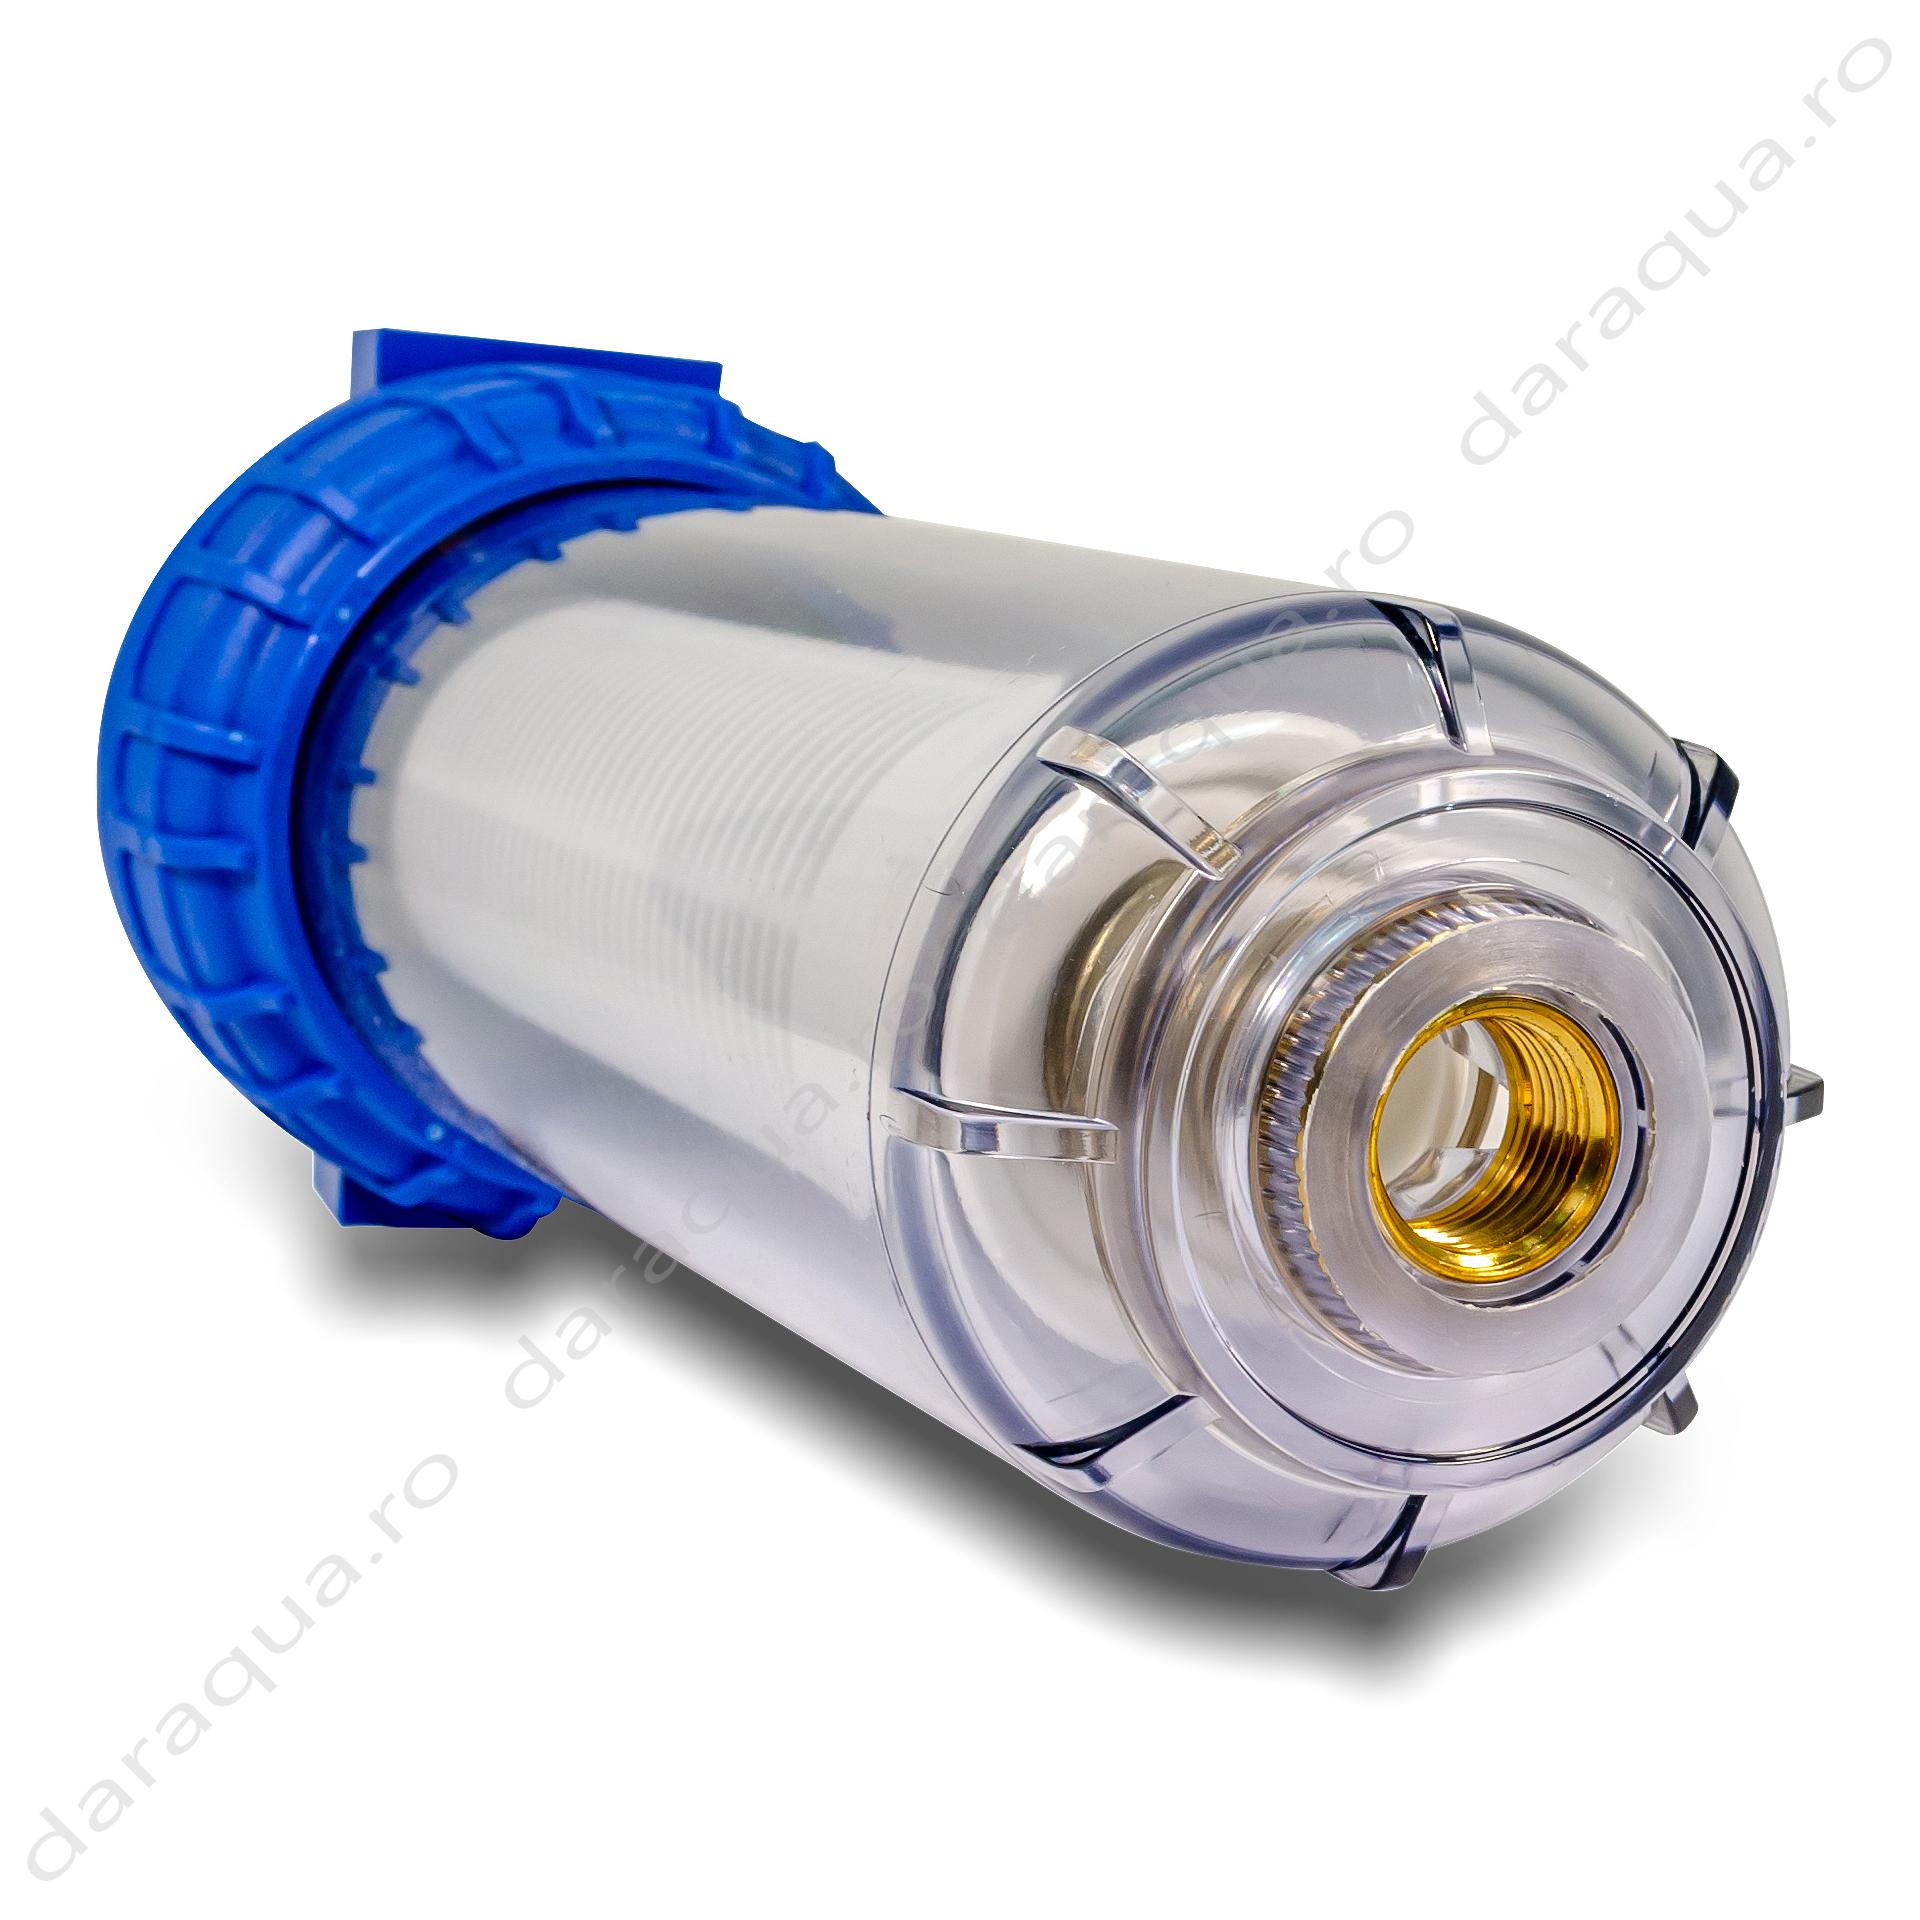 Filtru AP500 - 60 microni - cu purjare